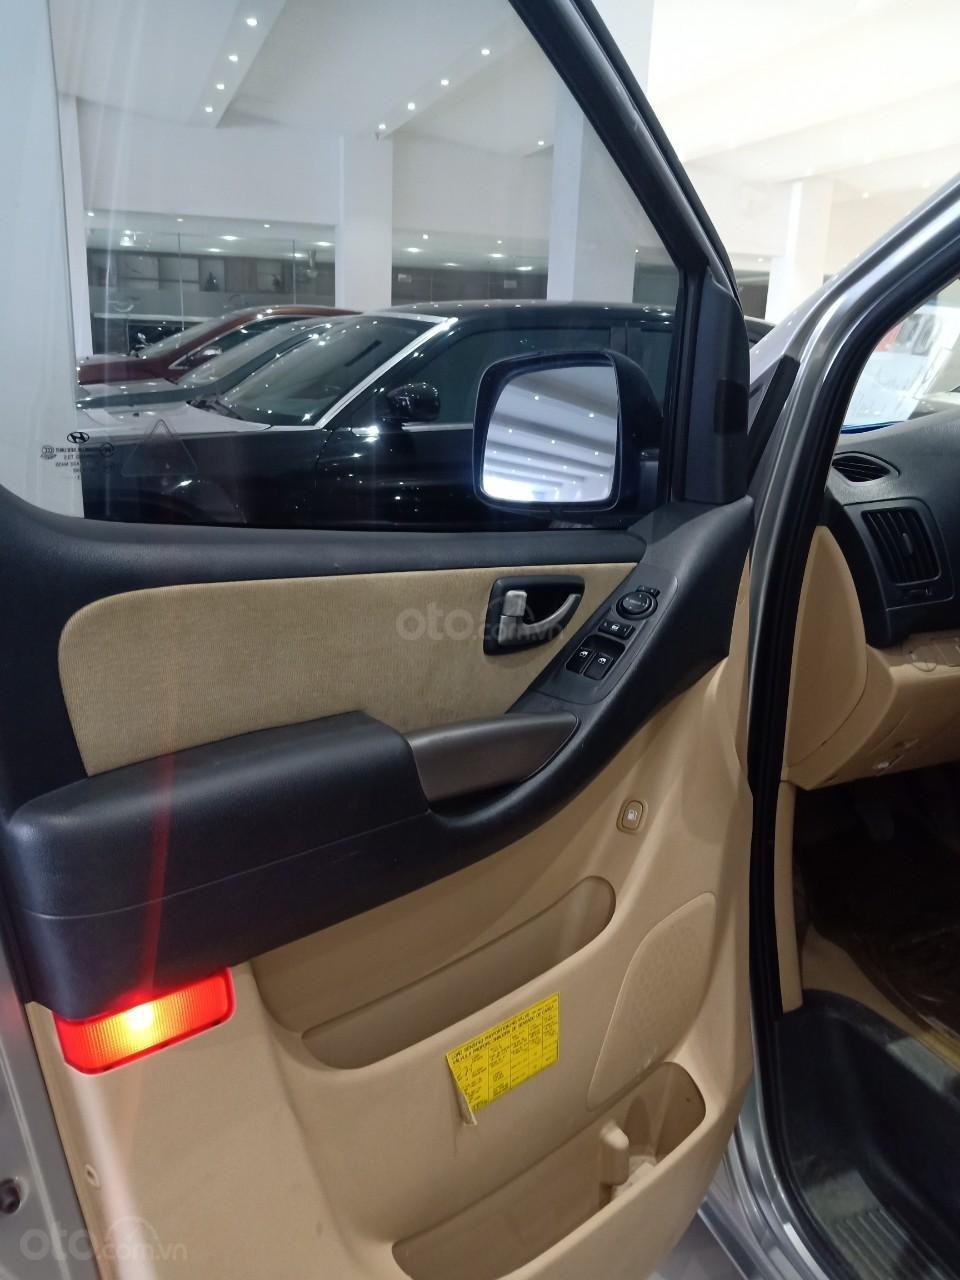 Bán xe Hyundai Starex 2.5D MT 9 chỗ 2013, màu bạc, xe nhập, giá tốt (6)